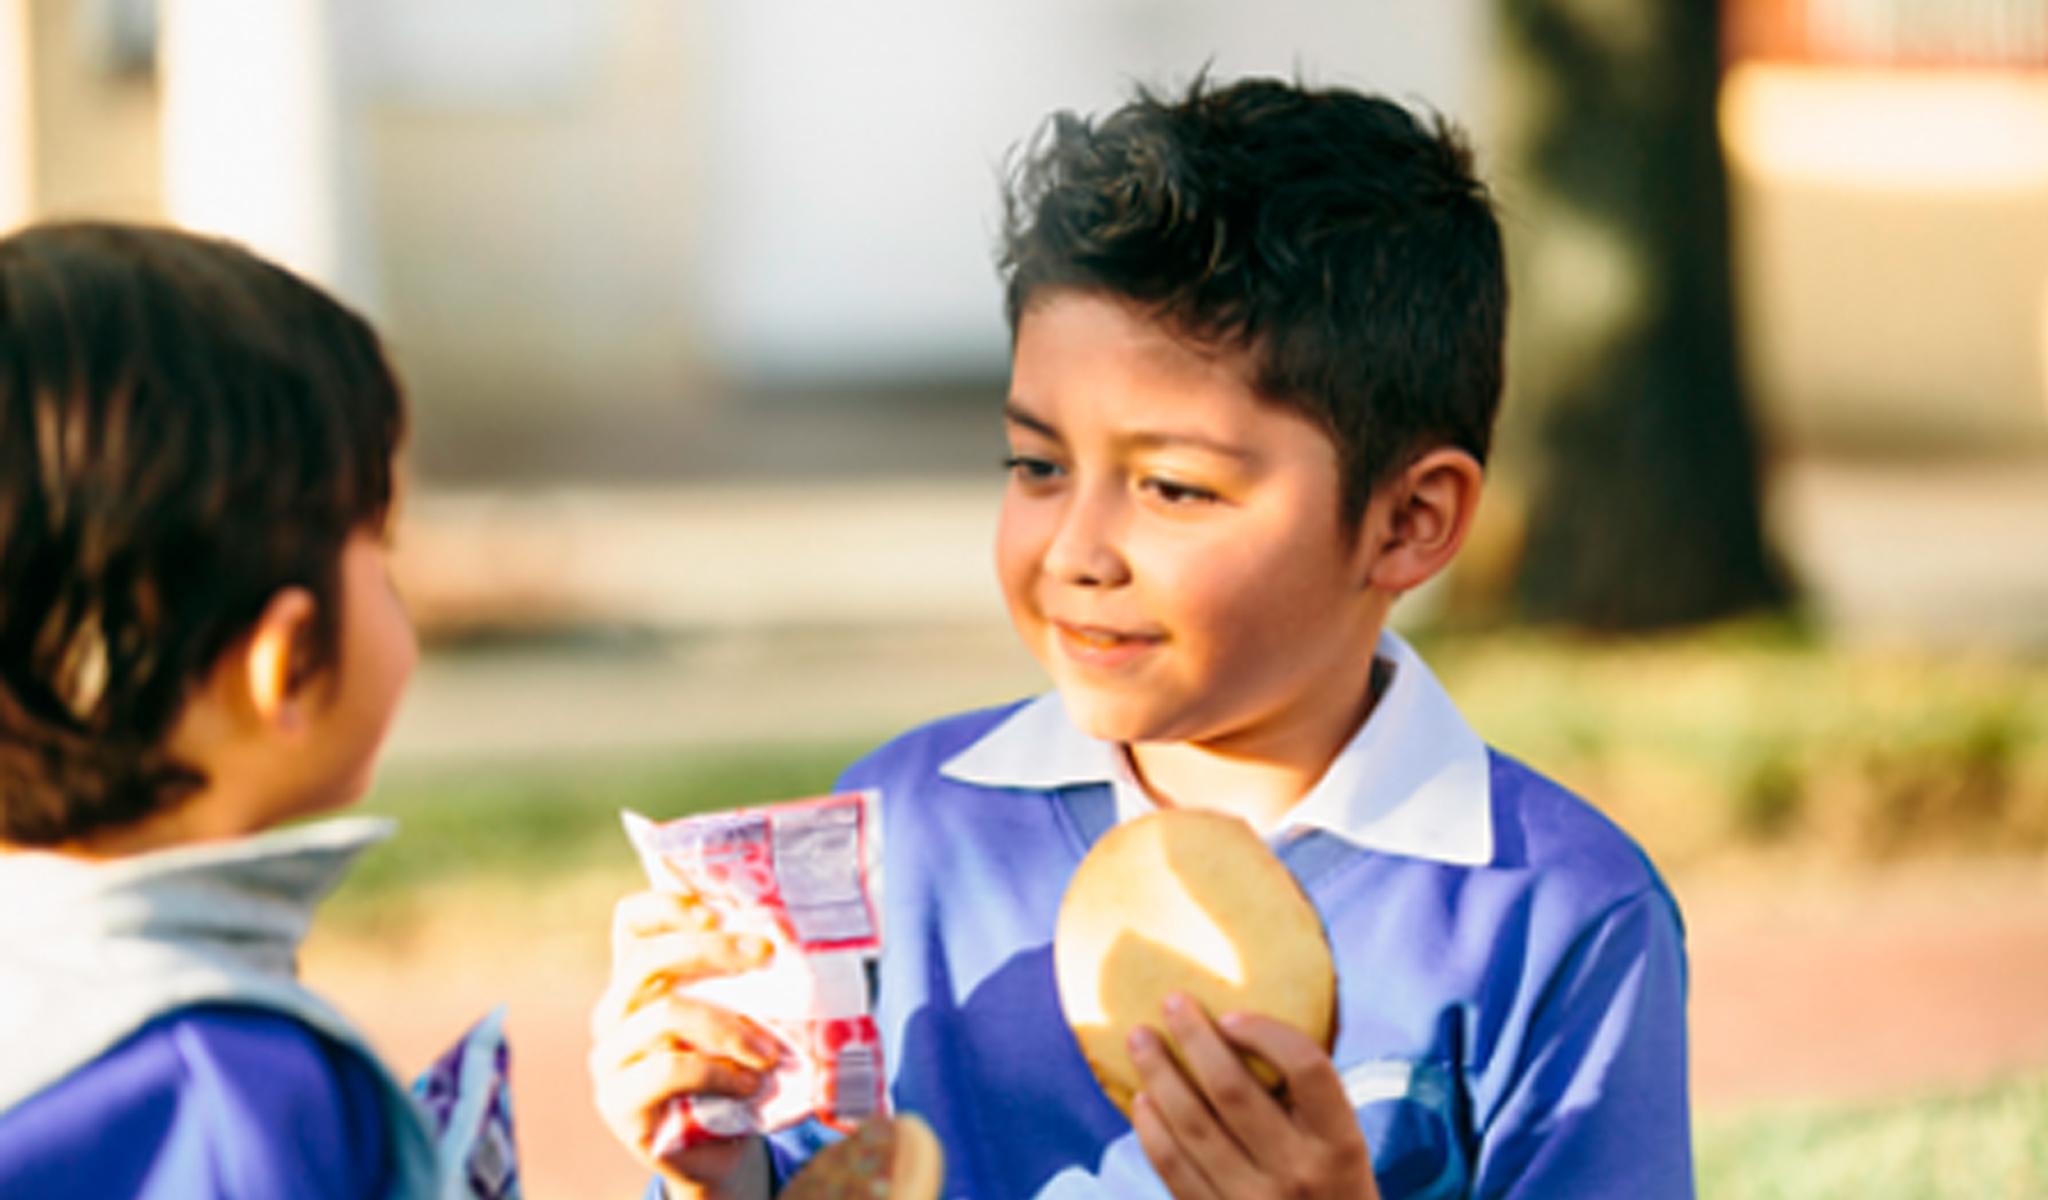 PAE Bogotá y las prácticas que benefician a los niños